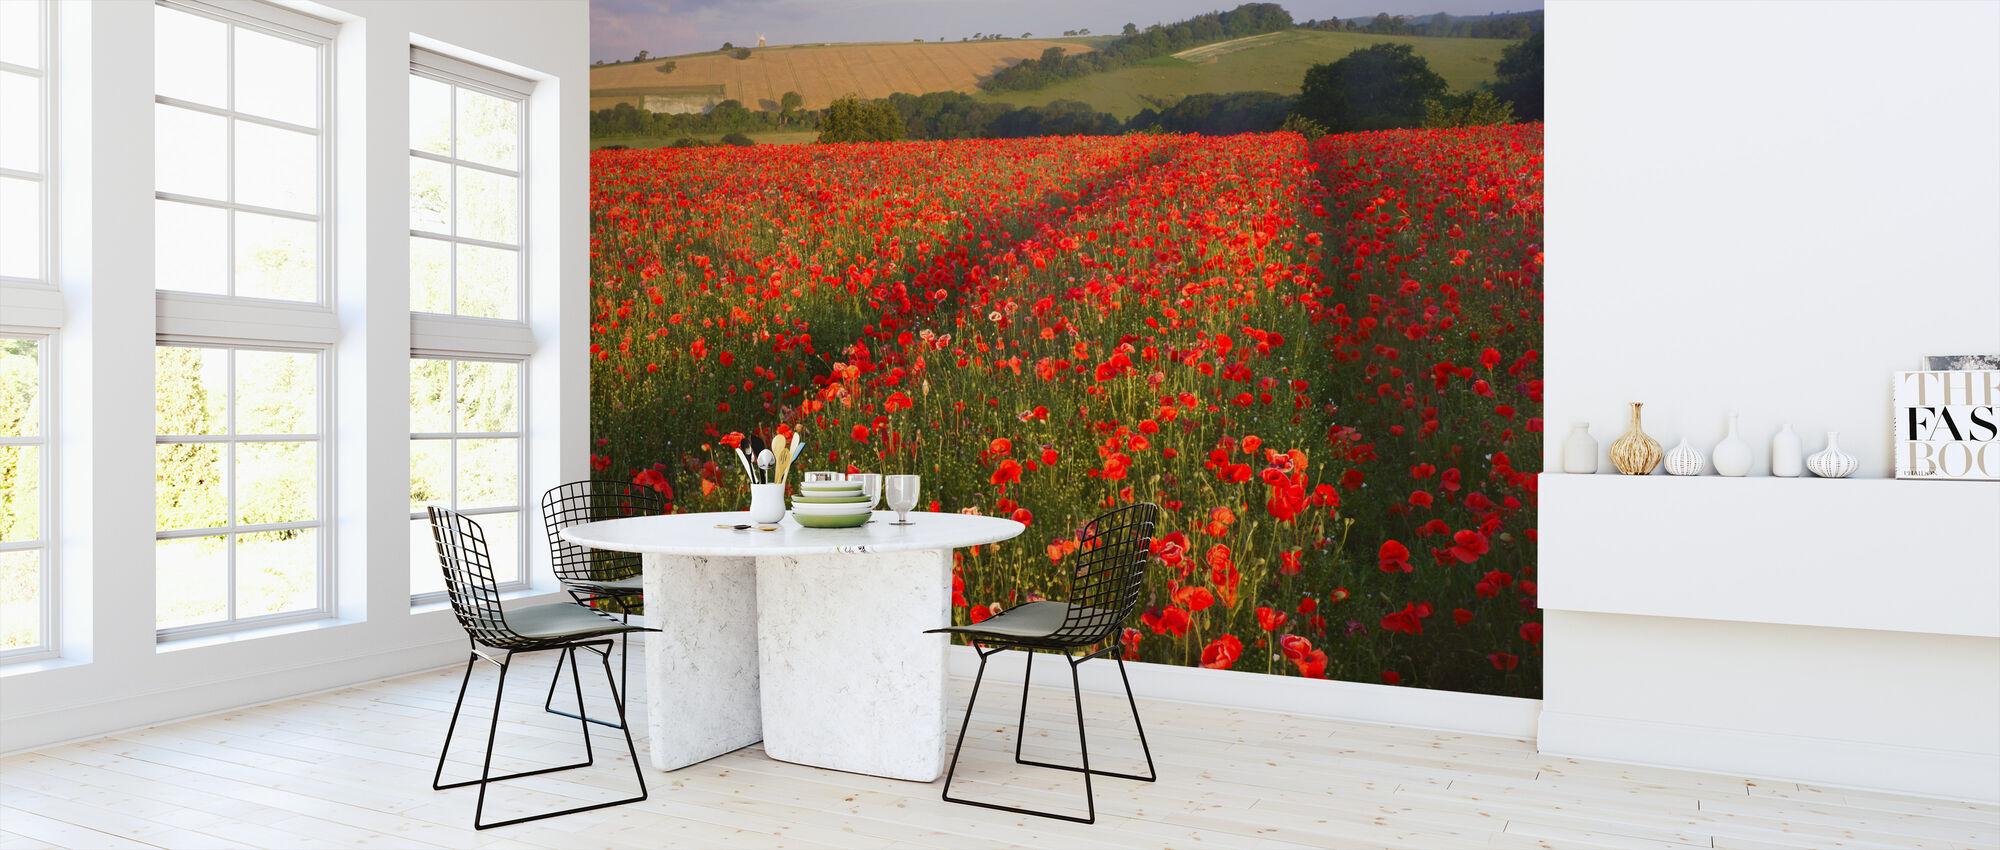 Scarlet Field - Wallpaper - Kitchen